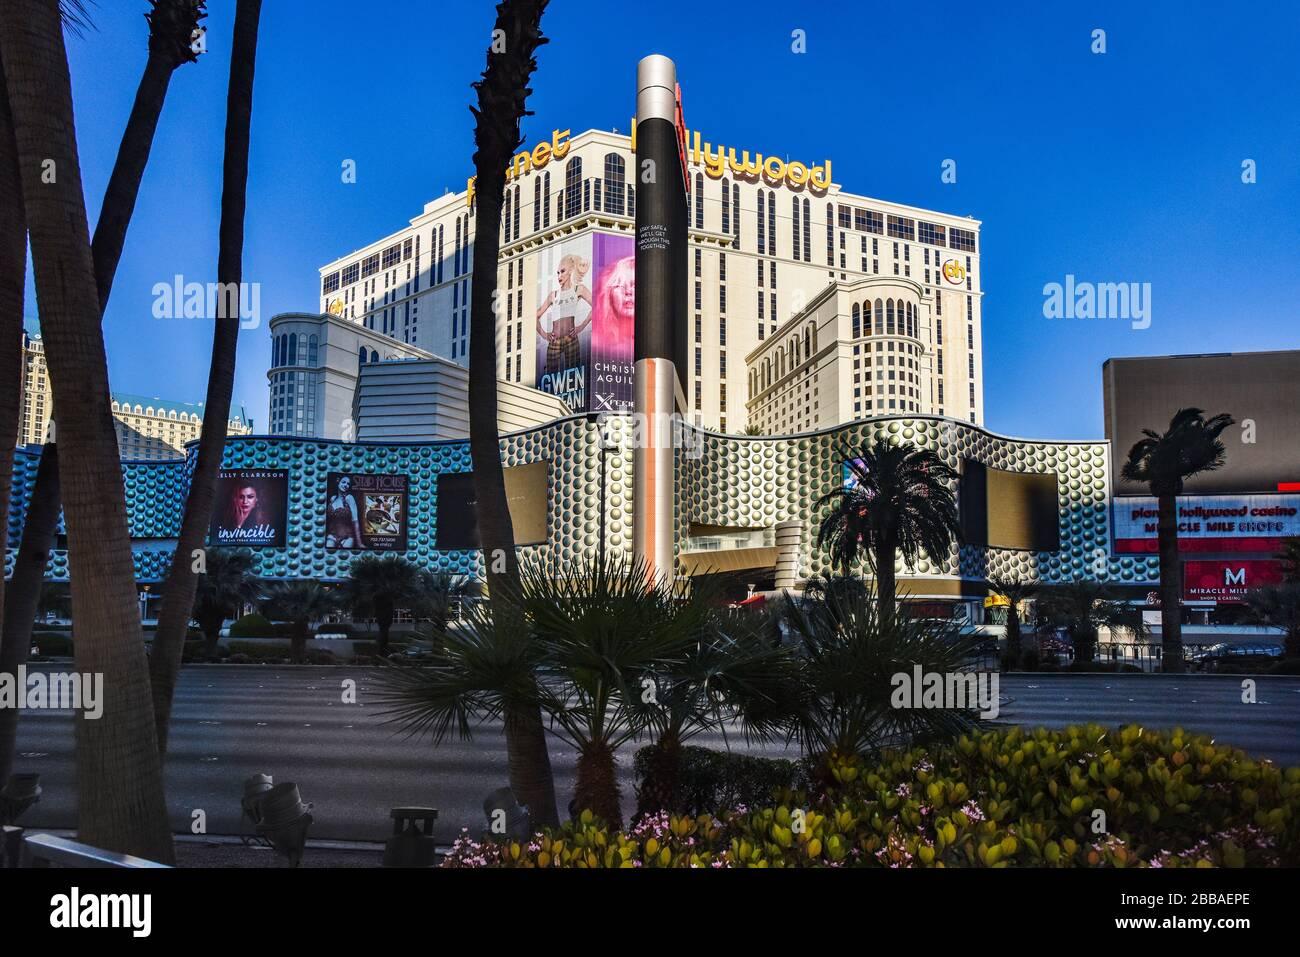 Une semaine dans la fermeture de Las Vegas en raison de Coronavirus, le Strip est assez vide. Pas de gens dans la rue et tout est fermé. Banque D'Images